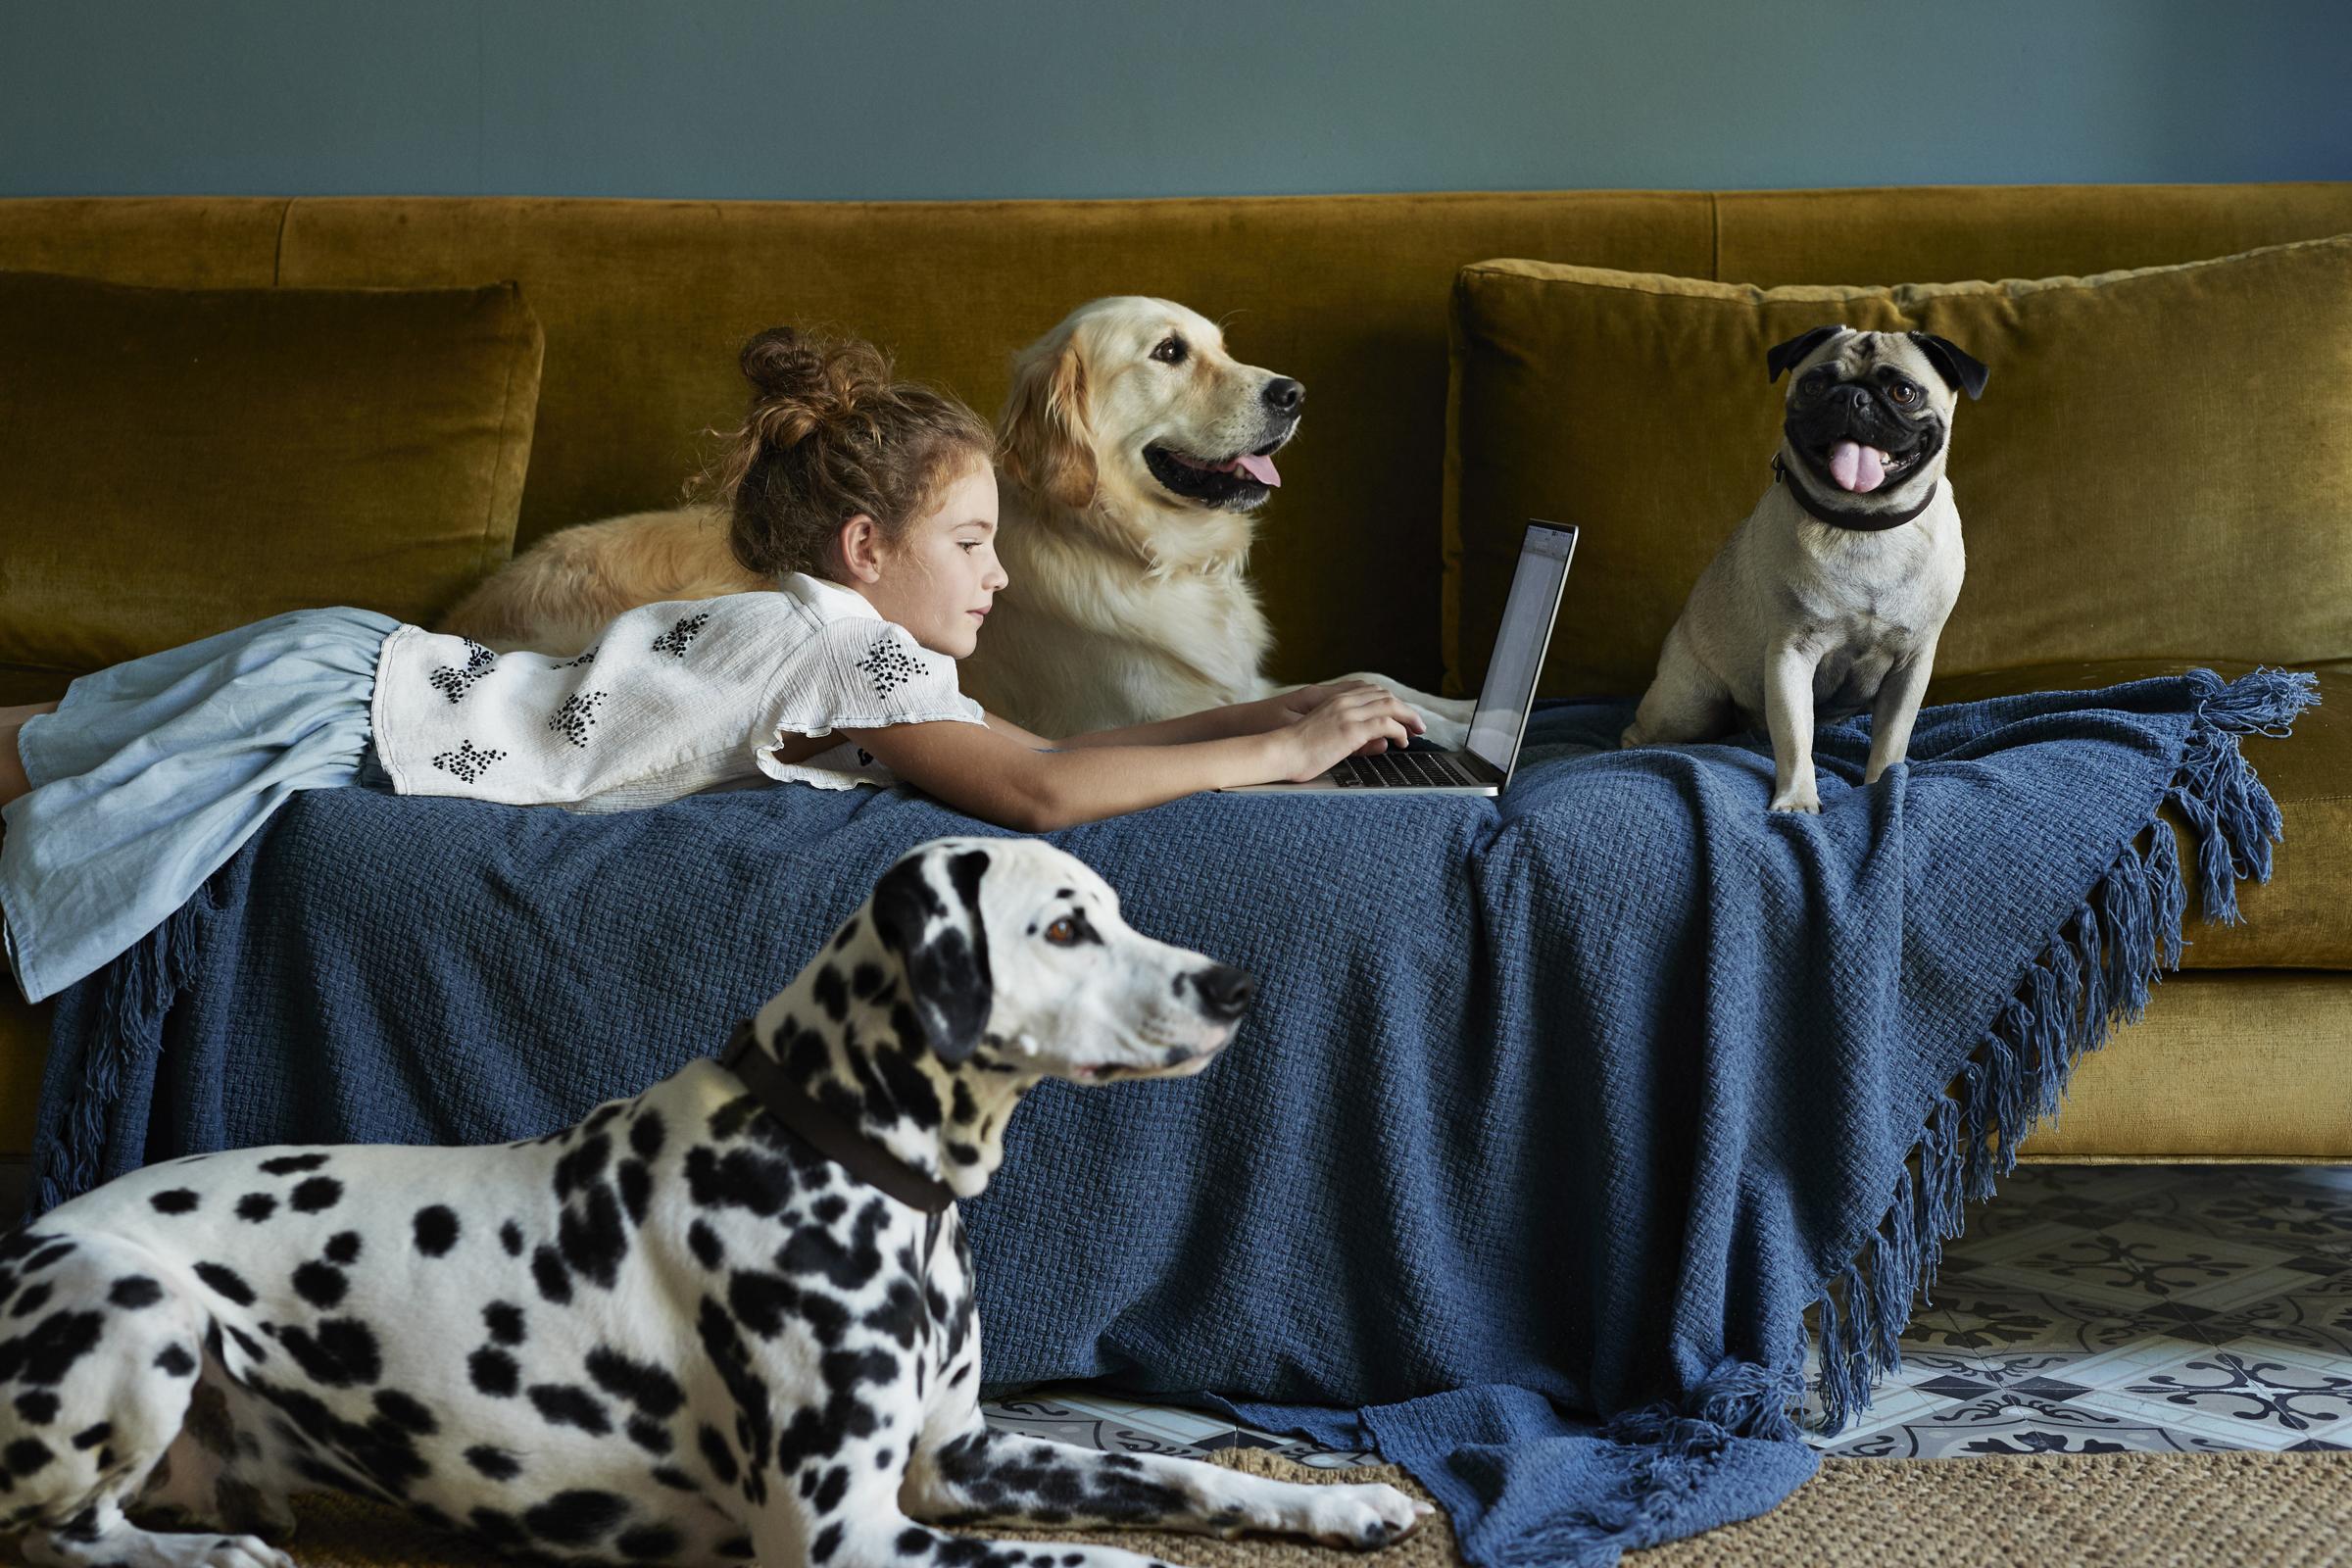 Hogyan előzzük meg, hogy két kutya találkozása verekedéssé fajuljon? Mi ilyenkor a teendő? II. rész